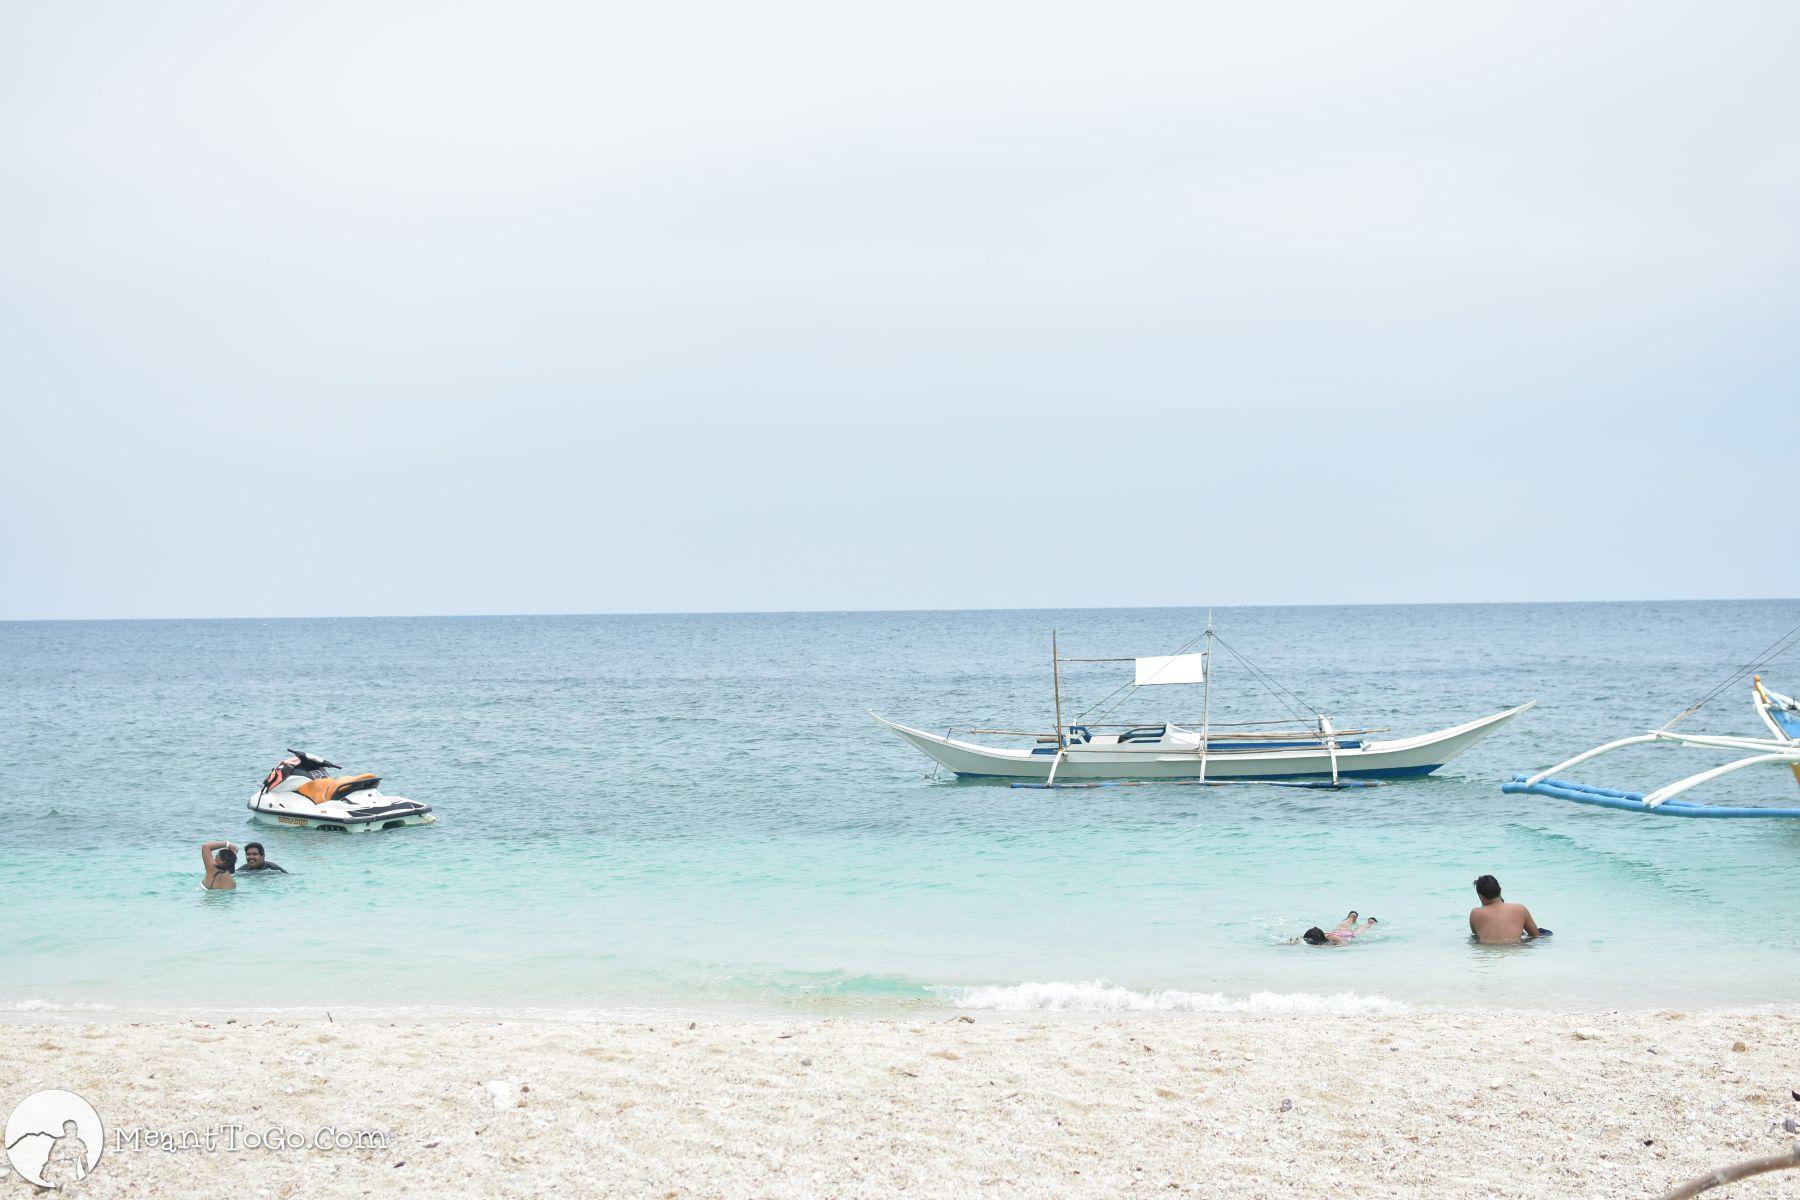 Antonia Beach, Islas de Gigantes, Iloilo